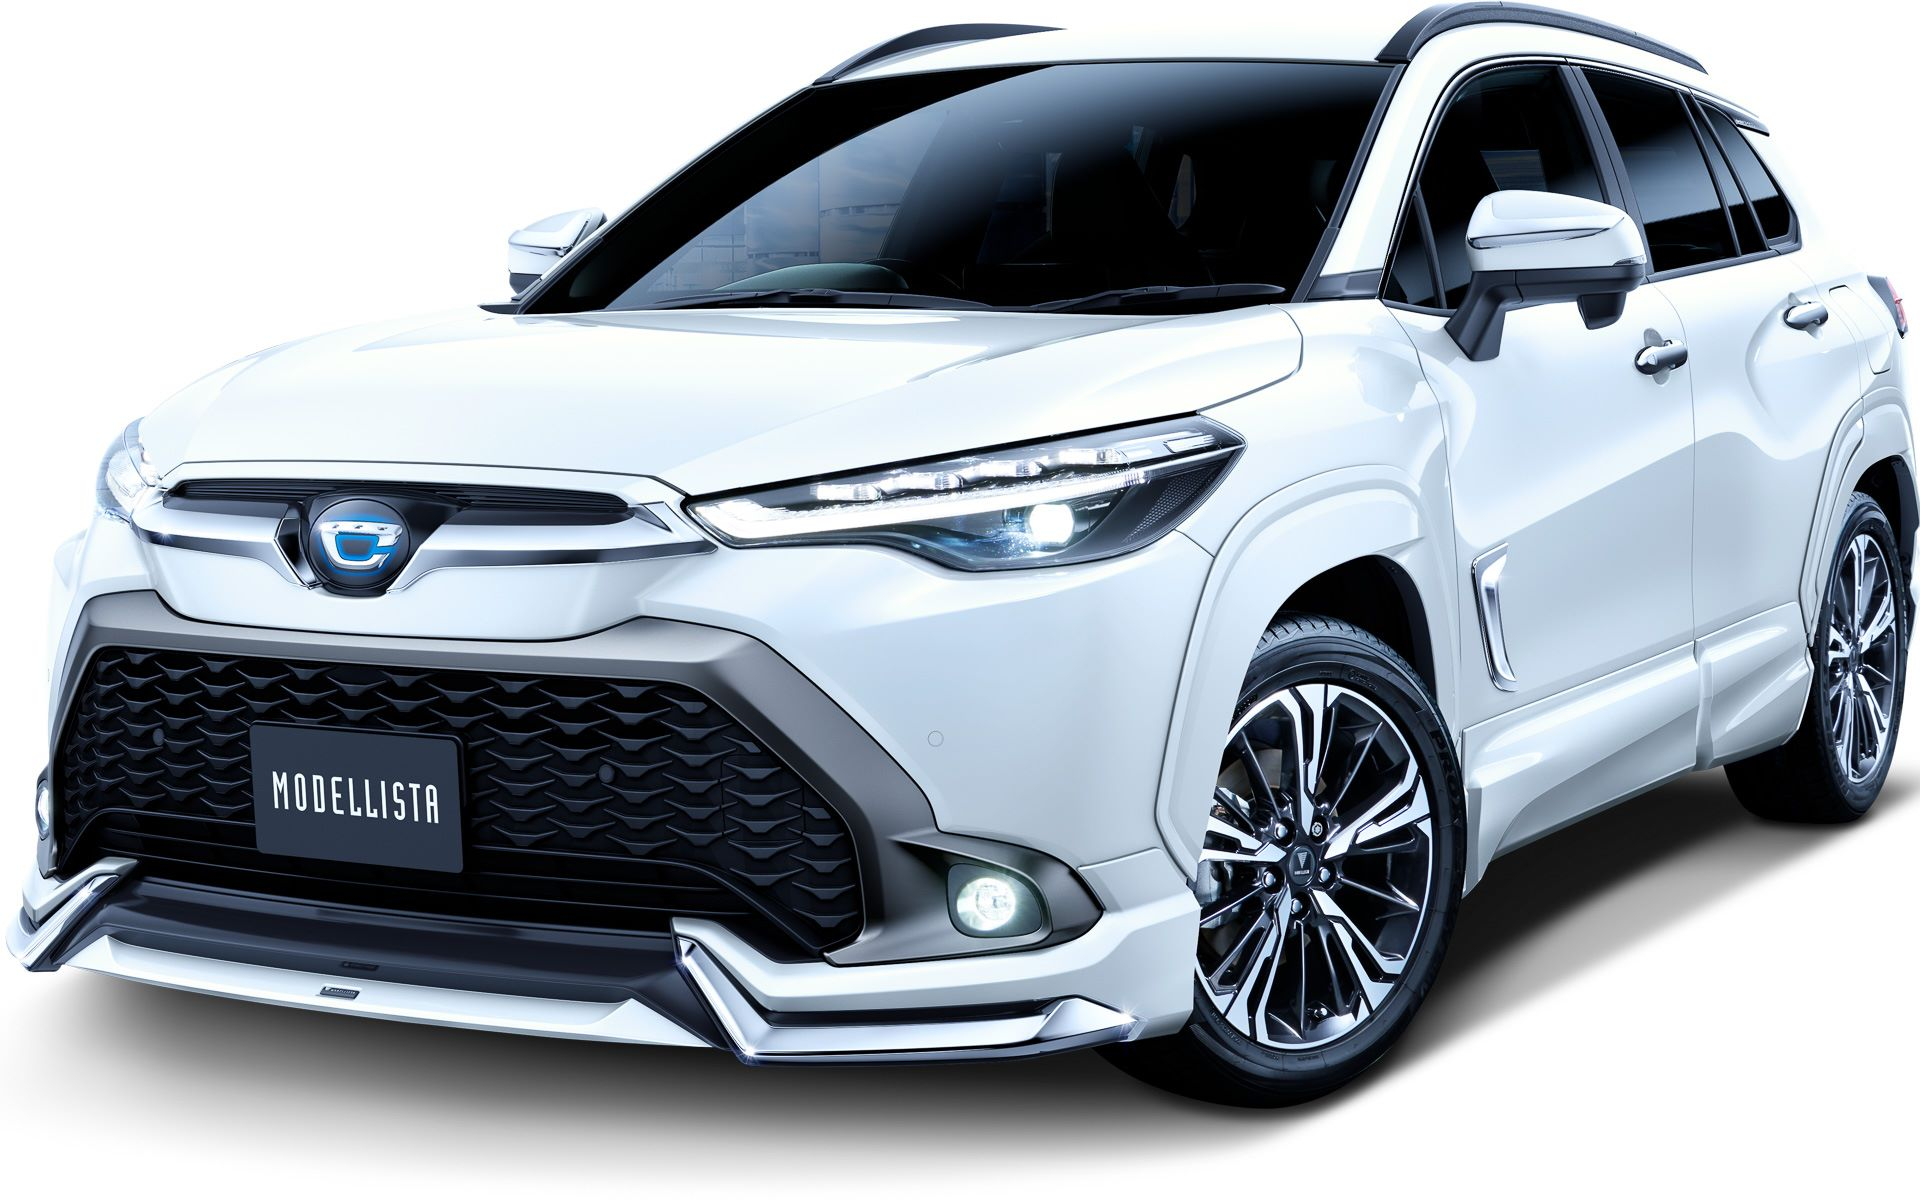 Toyota-Corolla-Cross-by-Modellista-1